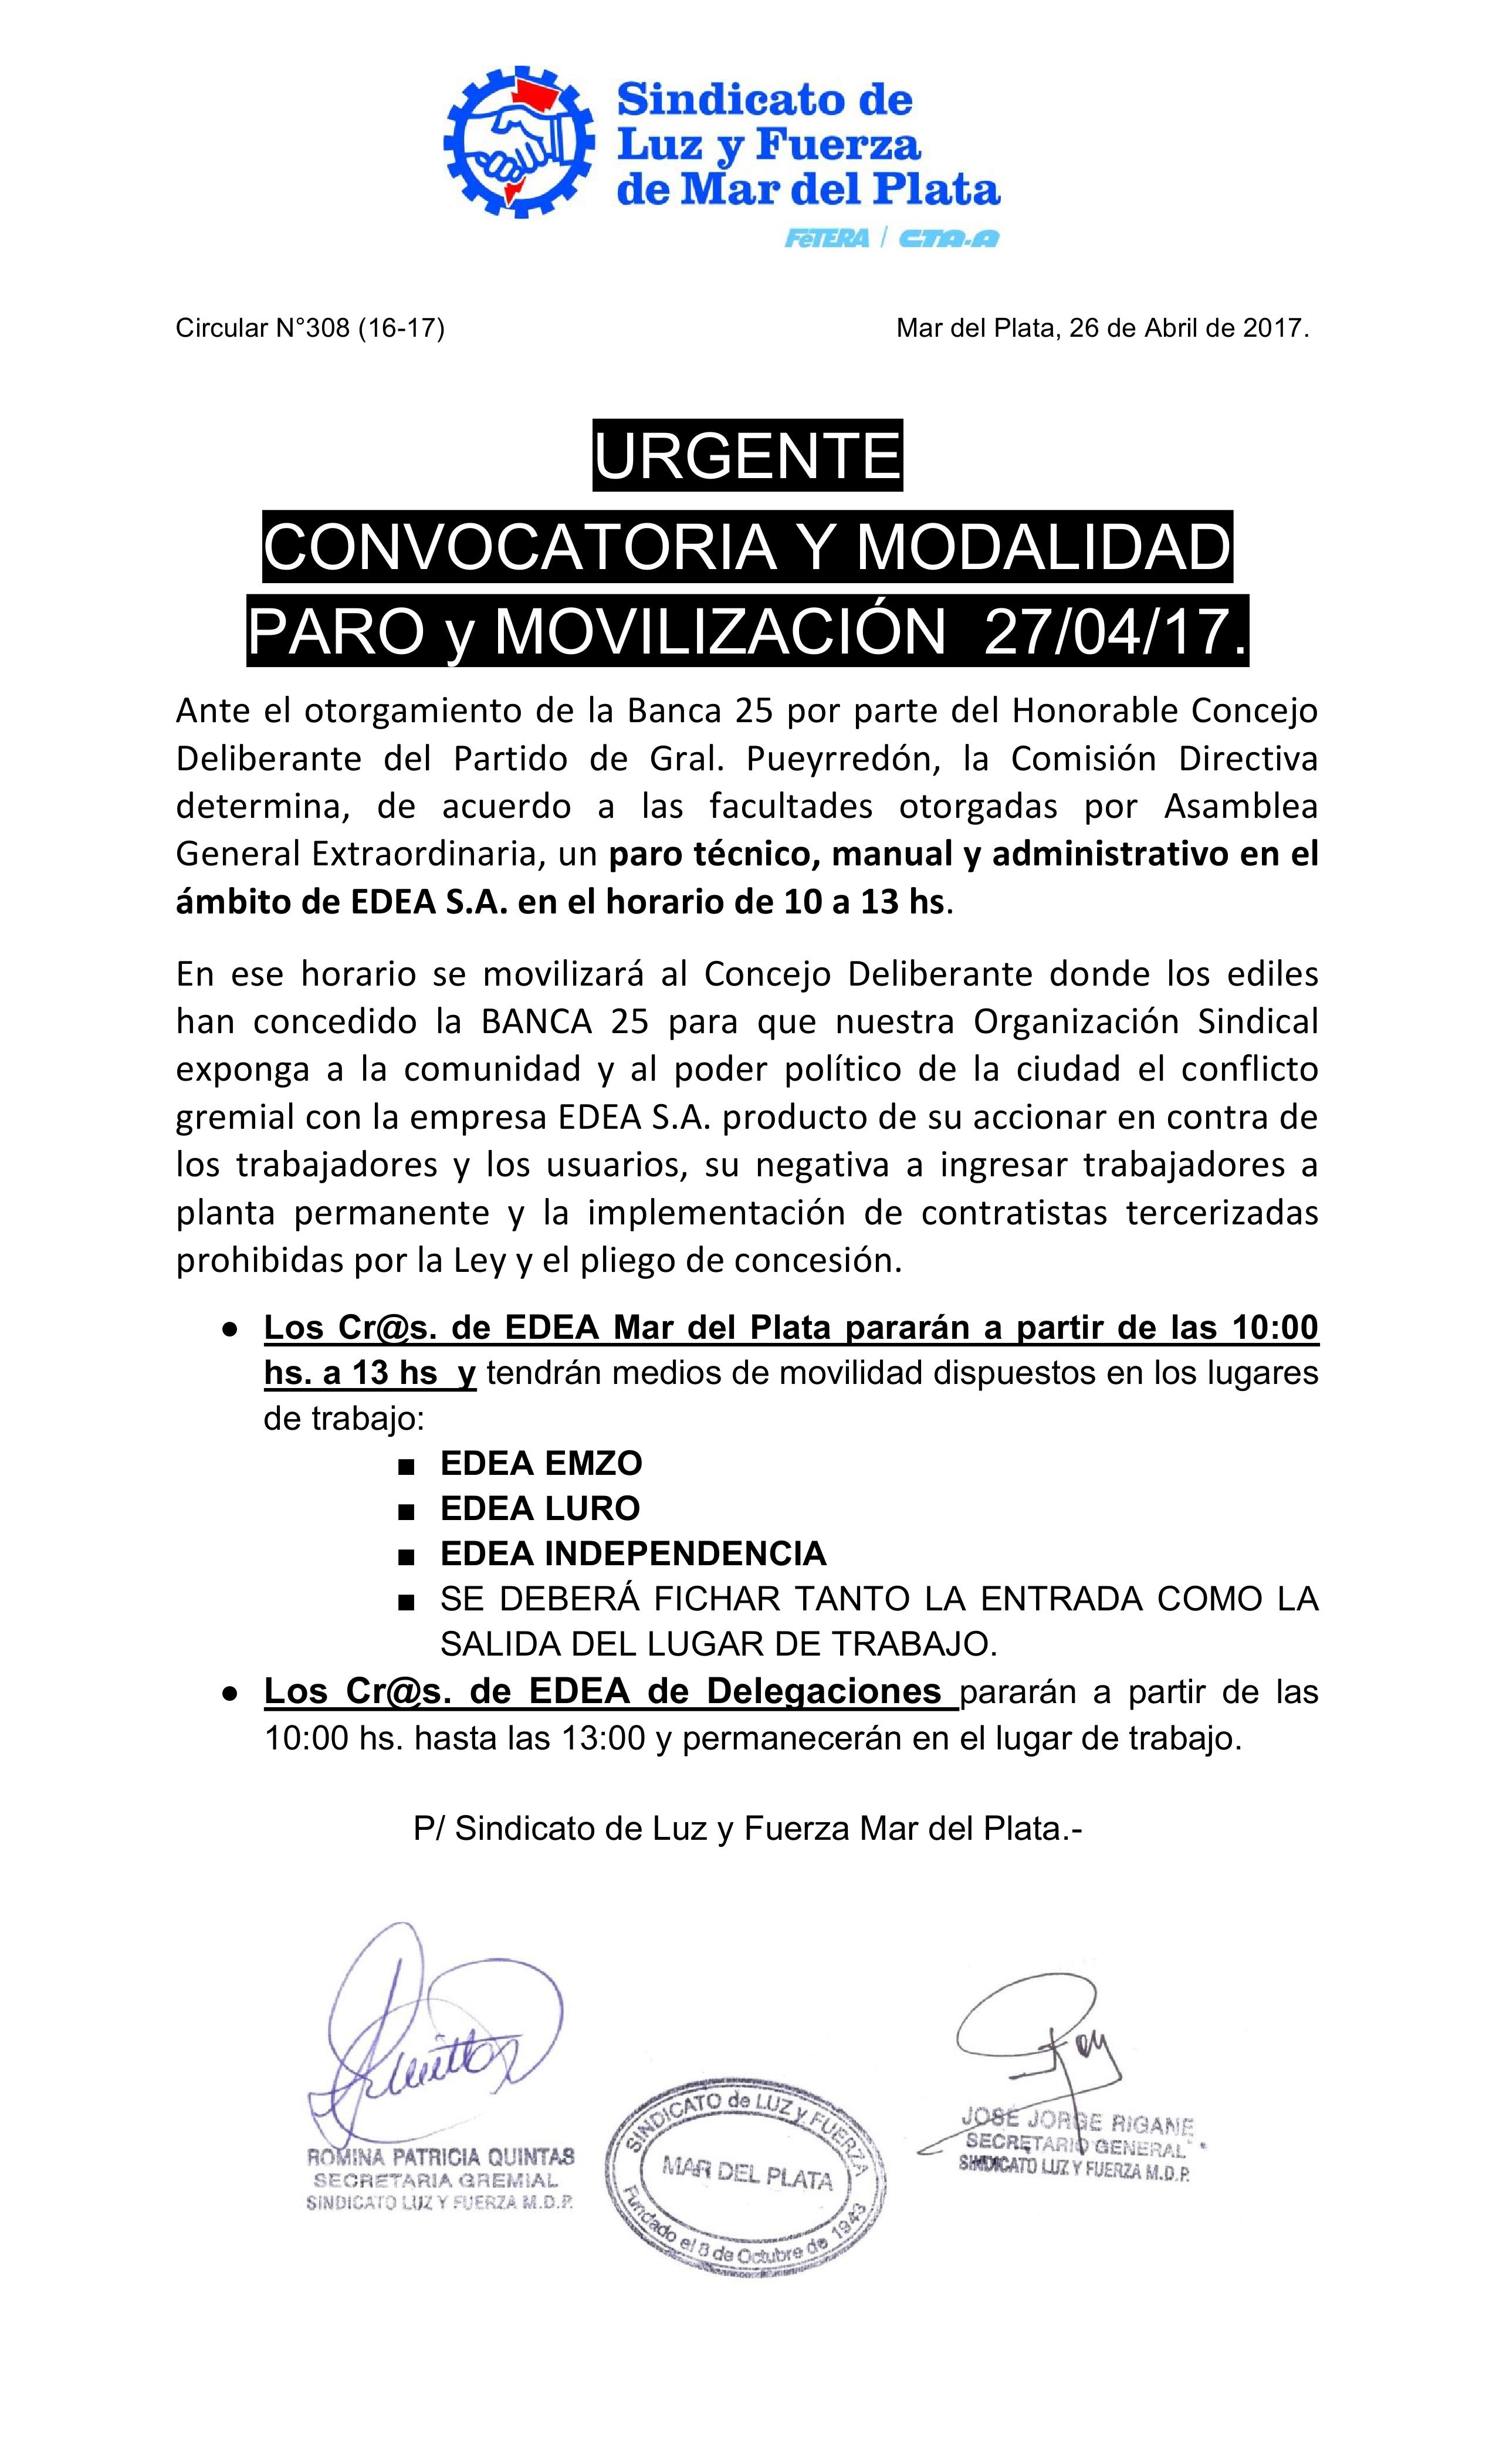 URGENTE - CONVOCATORIA Y MODALIDAD  PARO y MOVILIZACIÓN  27/04/17